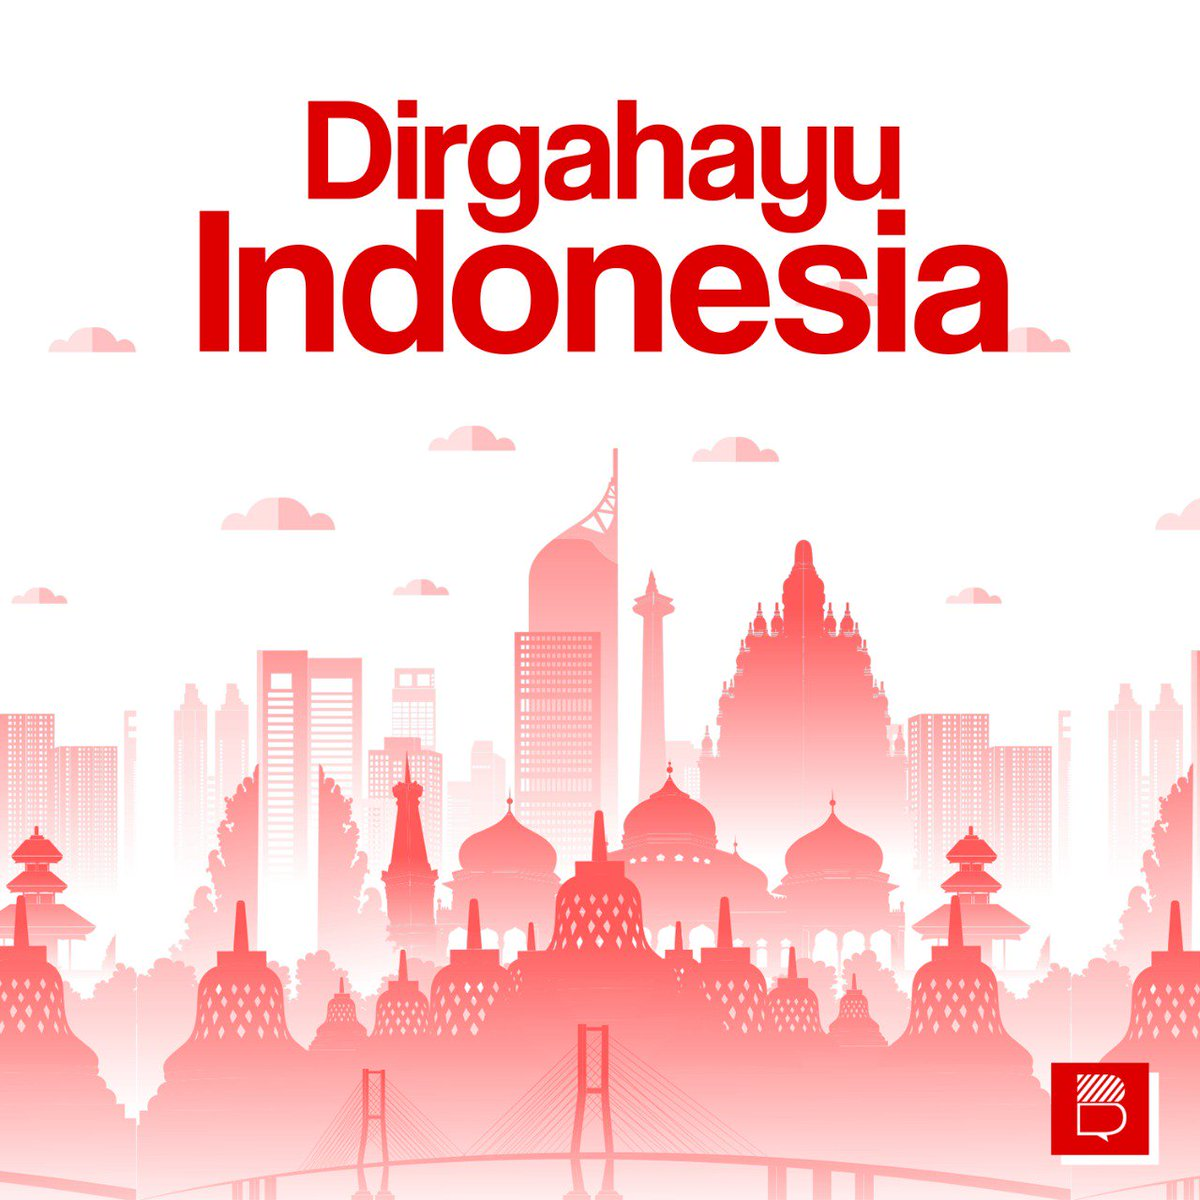 4600 Koleksi Gambar Negara Indonesia Keren HD Terbaru